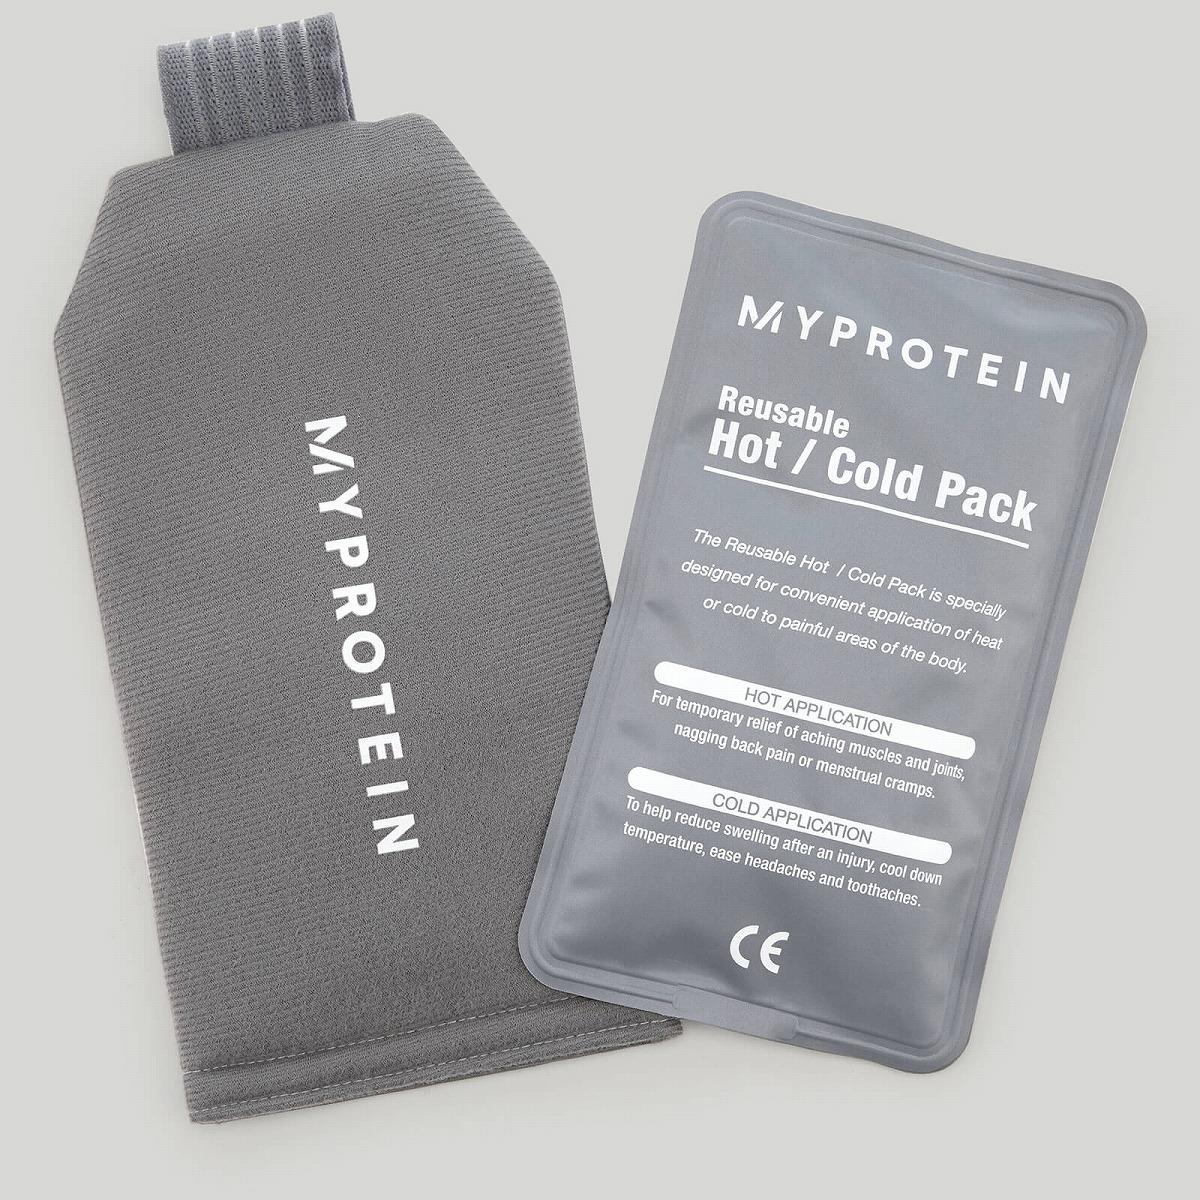 《最安値に挑戦中》ヨーロッパNo.1 高品質 低価格の自社製品を英国から直送 トレーニングのお供に 冷却療法 クリアランスsale!期間限定! 温熱療法 ラップ シップ 湿布 痛 ホット パック ジェル 公式 コールド 海外通販 マイプロテイン MyProtein 関節痛 驚きの値段で